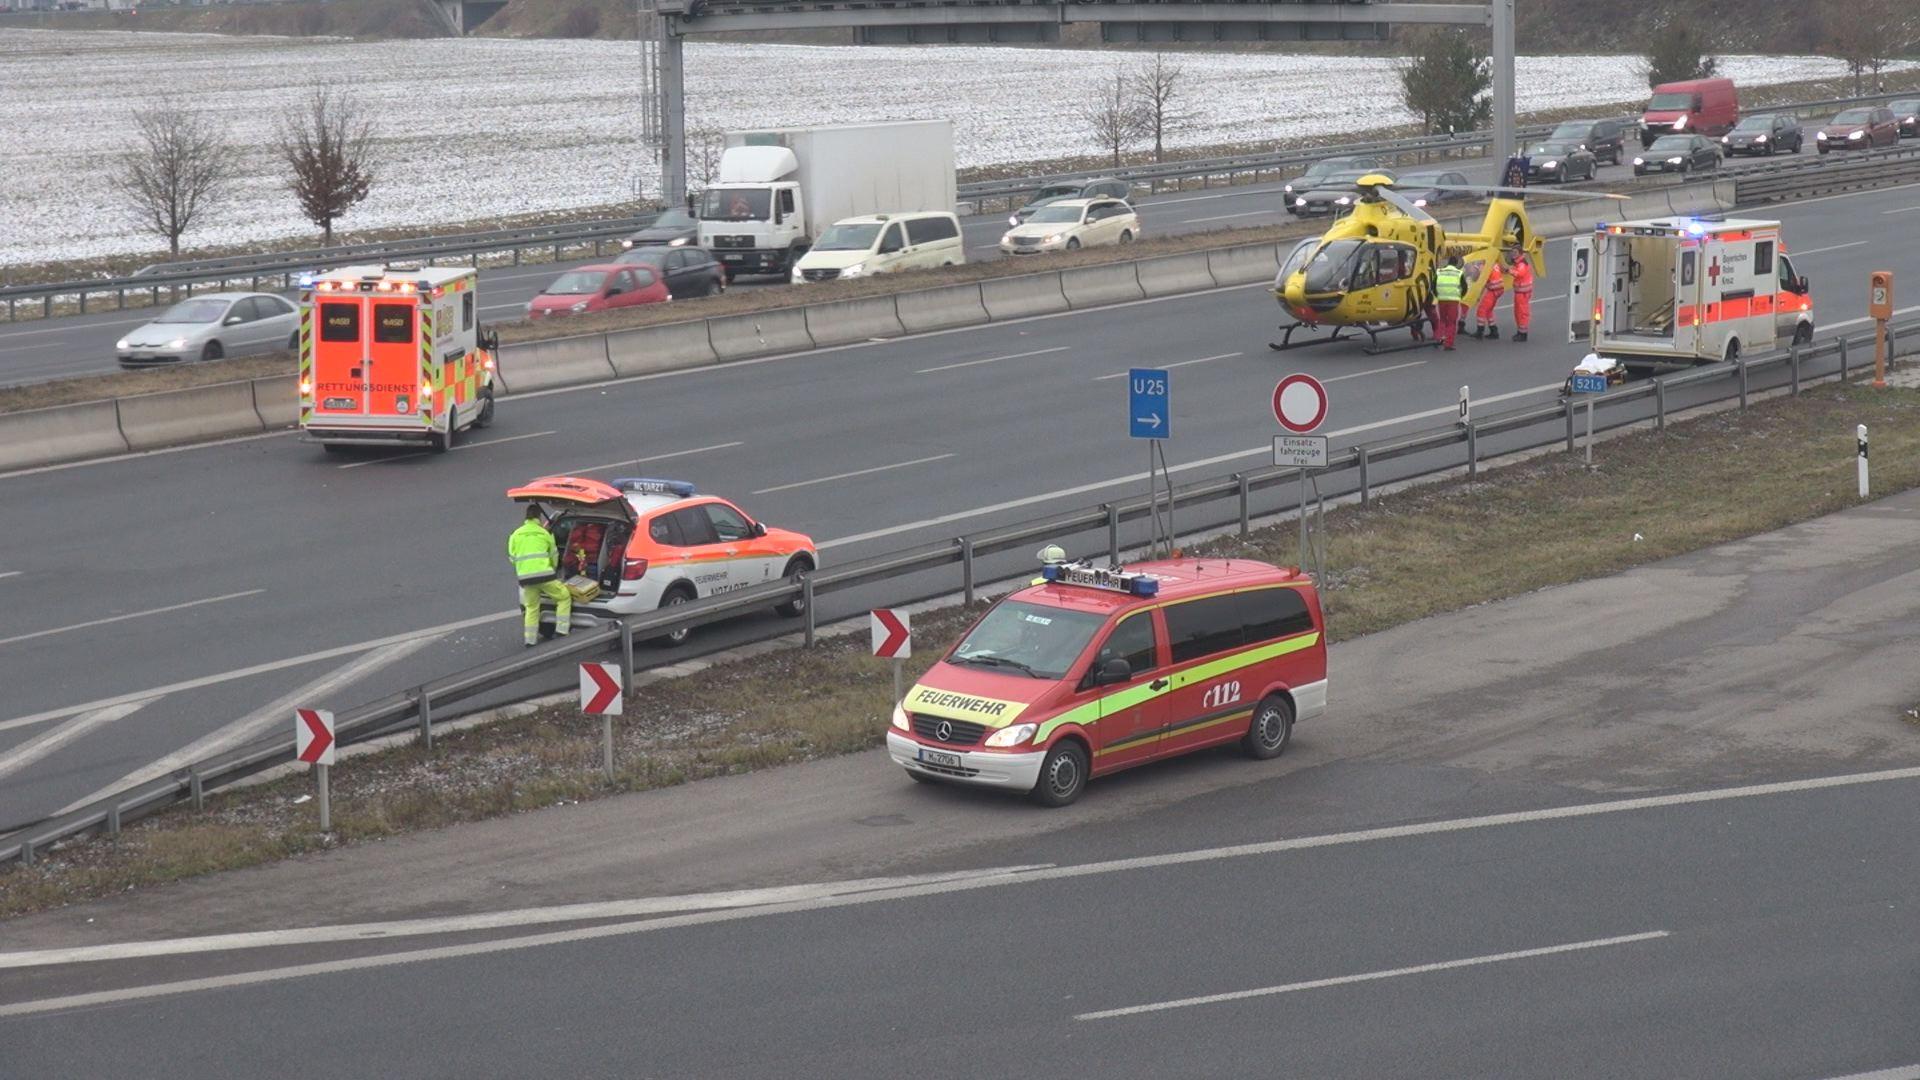 Schrecklicher Unfall Auf Der A9 Polizei Nennt Details Eine Person